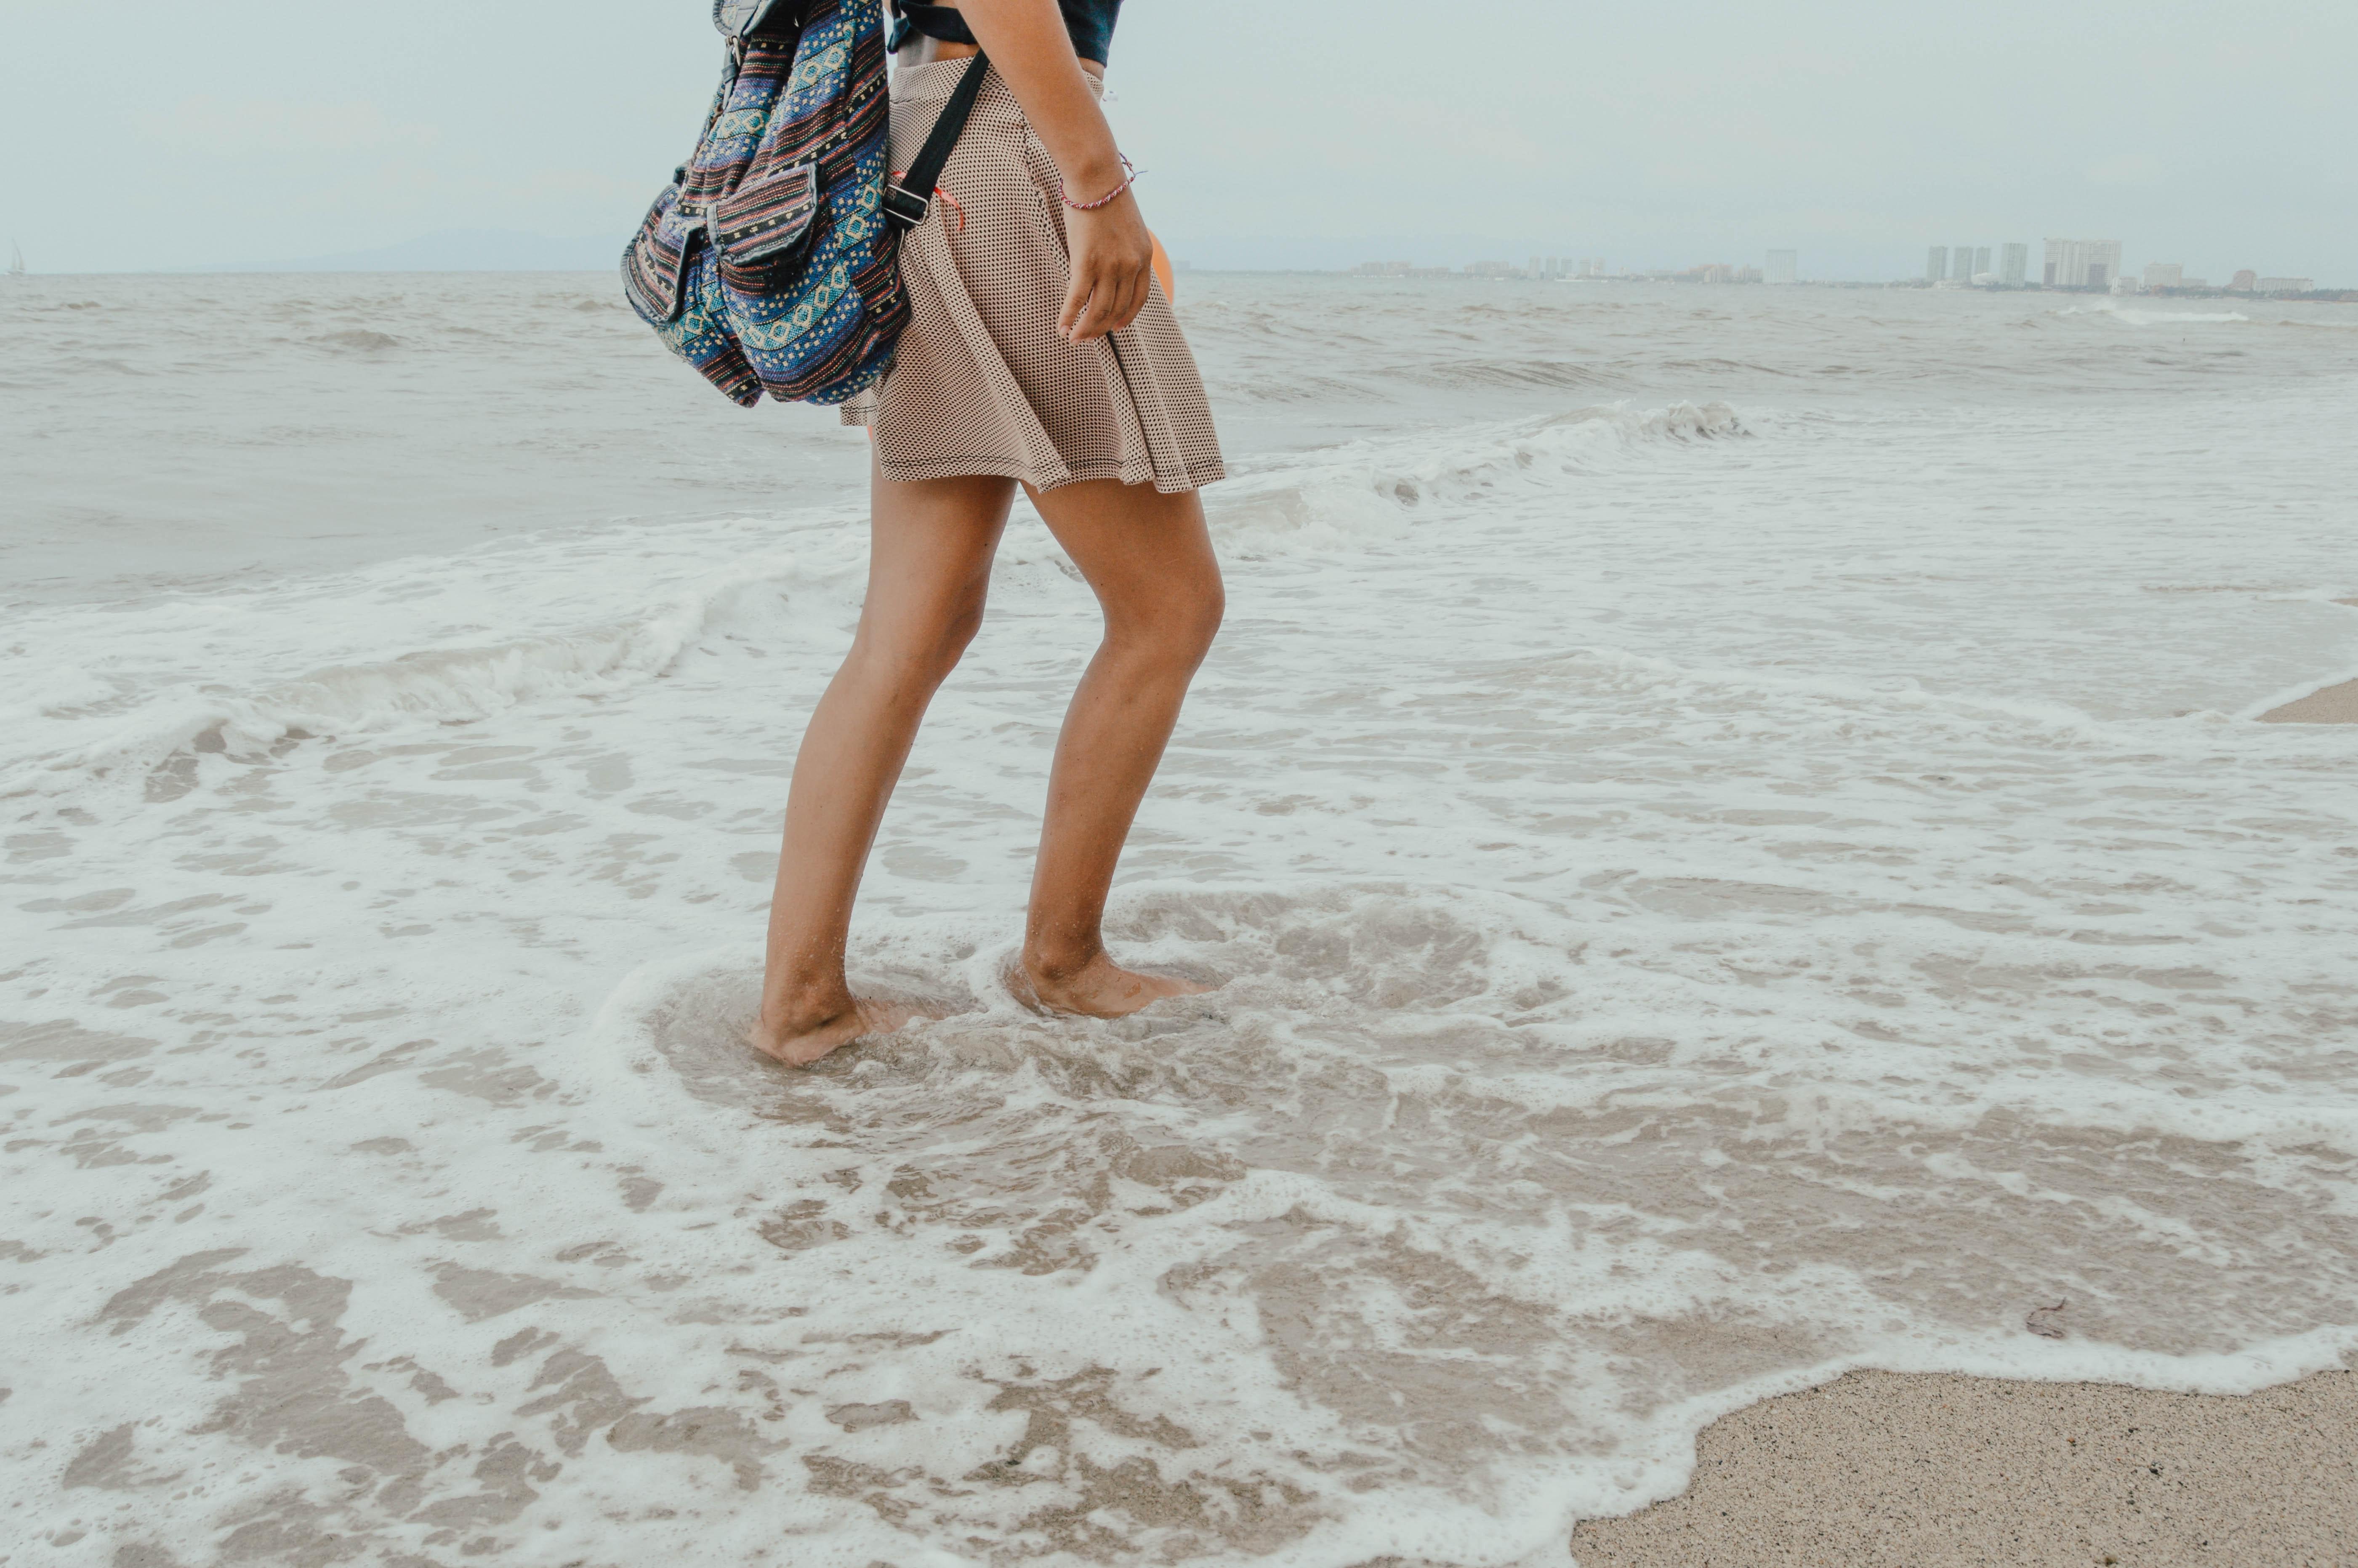 92a77be91 mochila bolso playa hembra divertido ocio Oceano Oceanshore Océano al aire  libre persona recreación mar costa